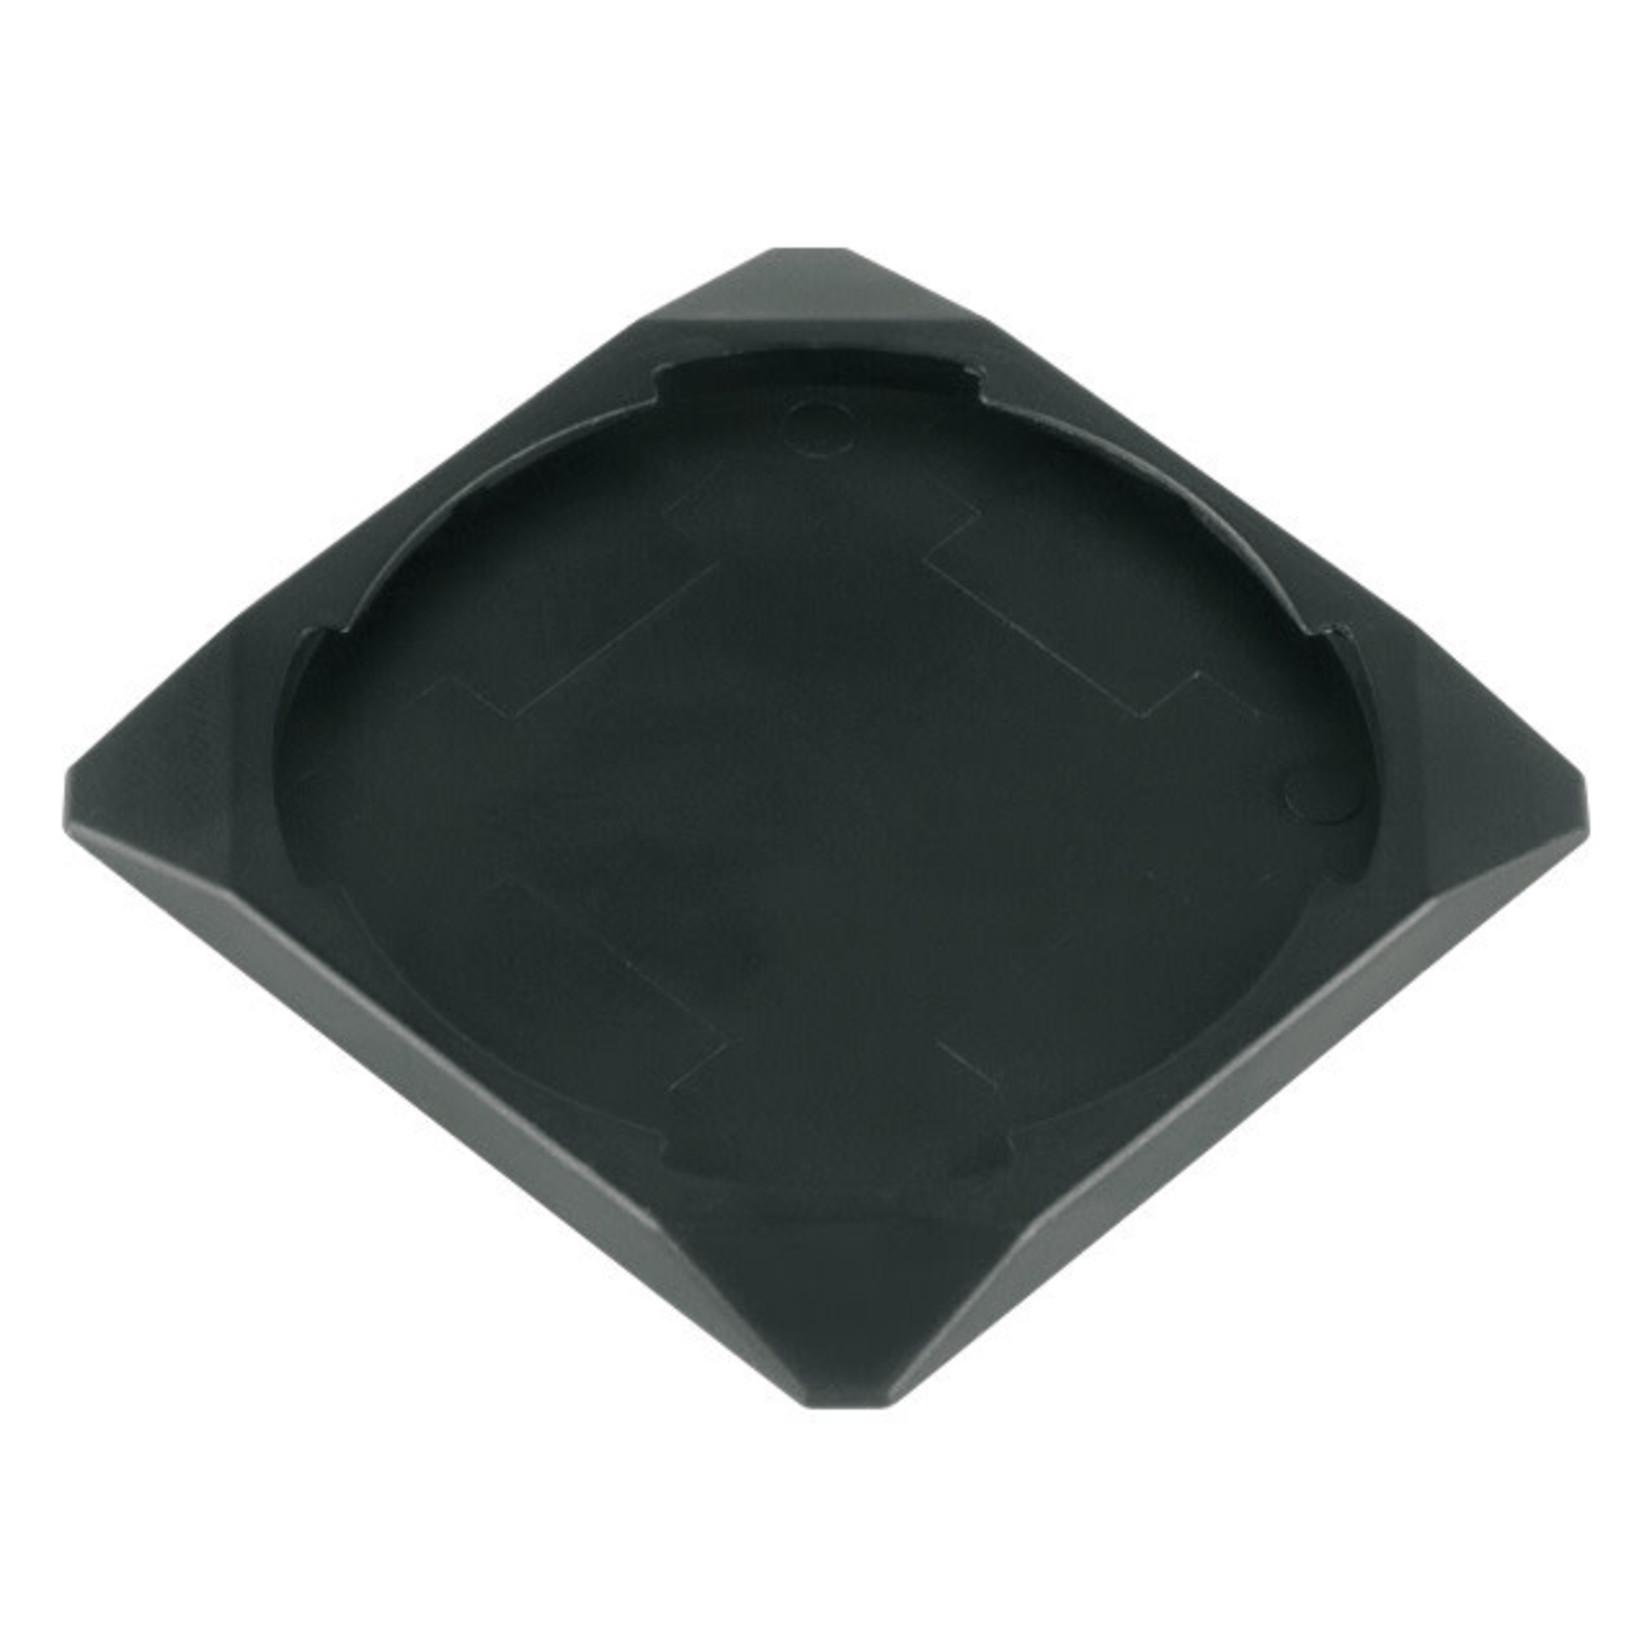 Quadlock SKS Cover adaptateur universel noir compit